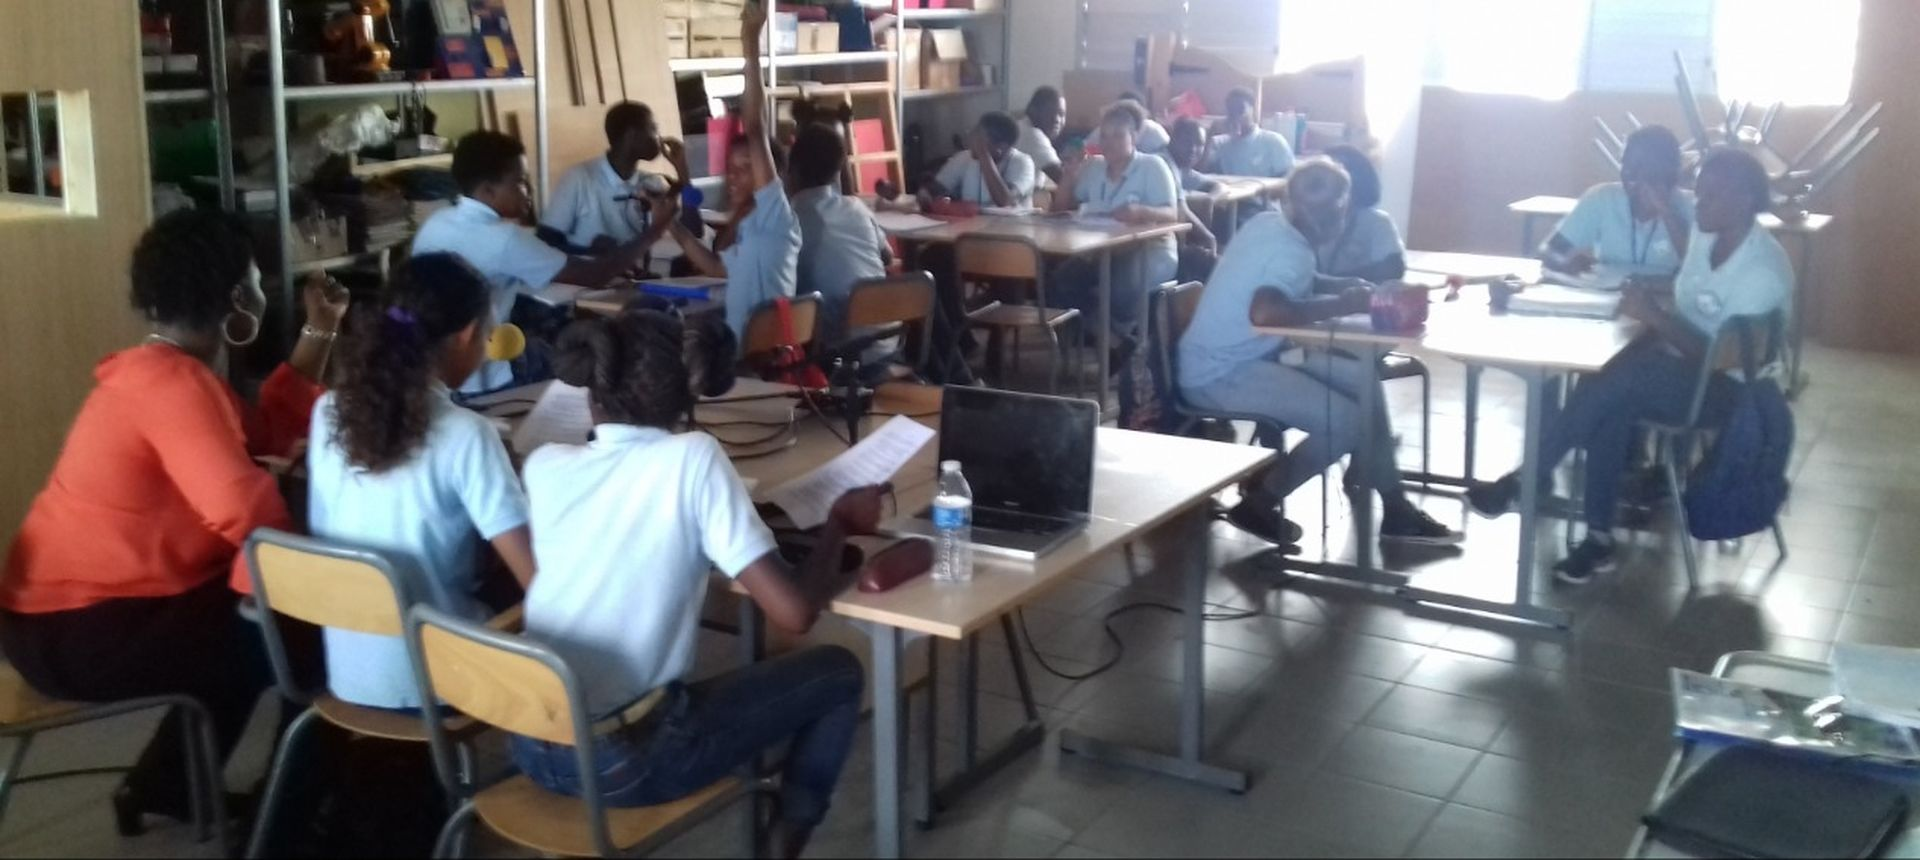 Groupe de personnes dans une salle de classe